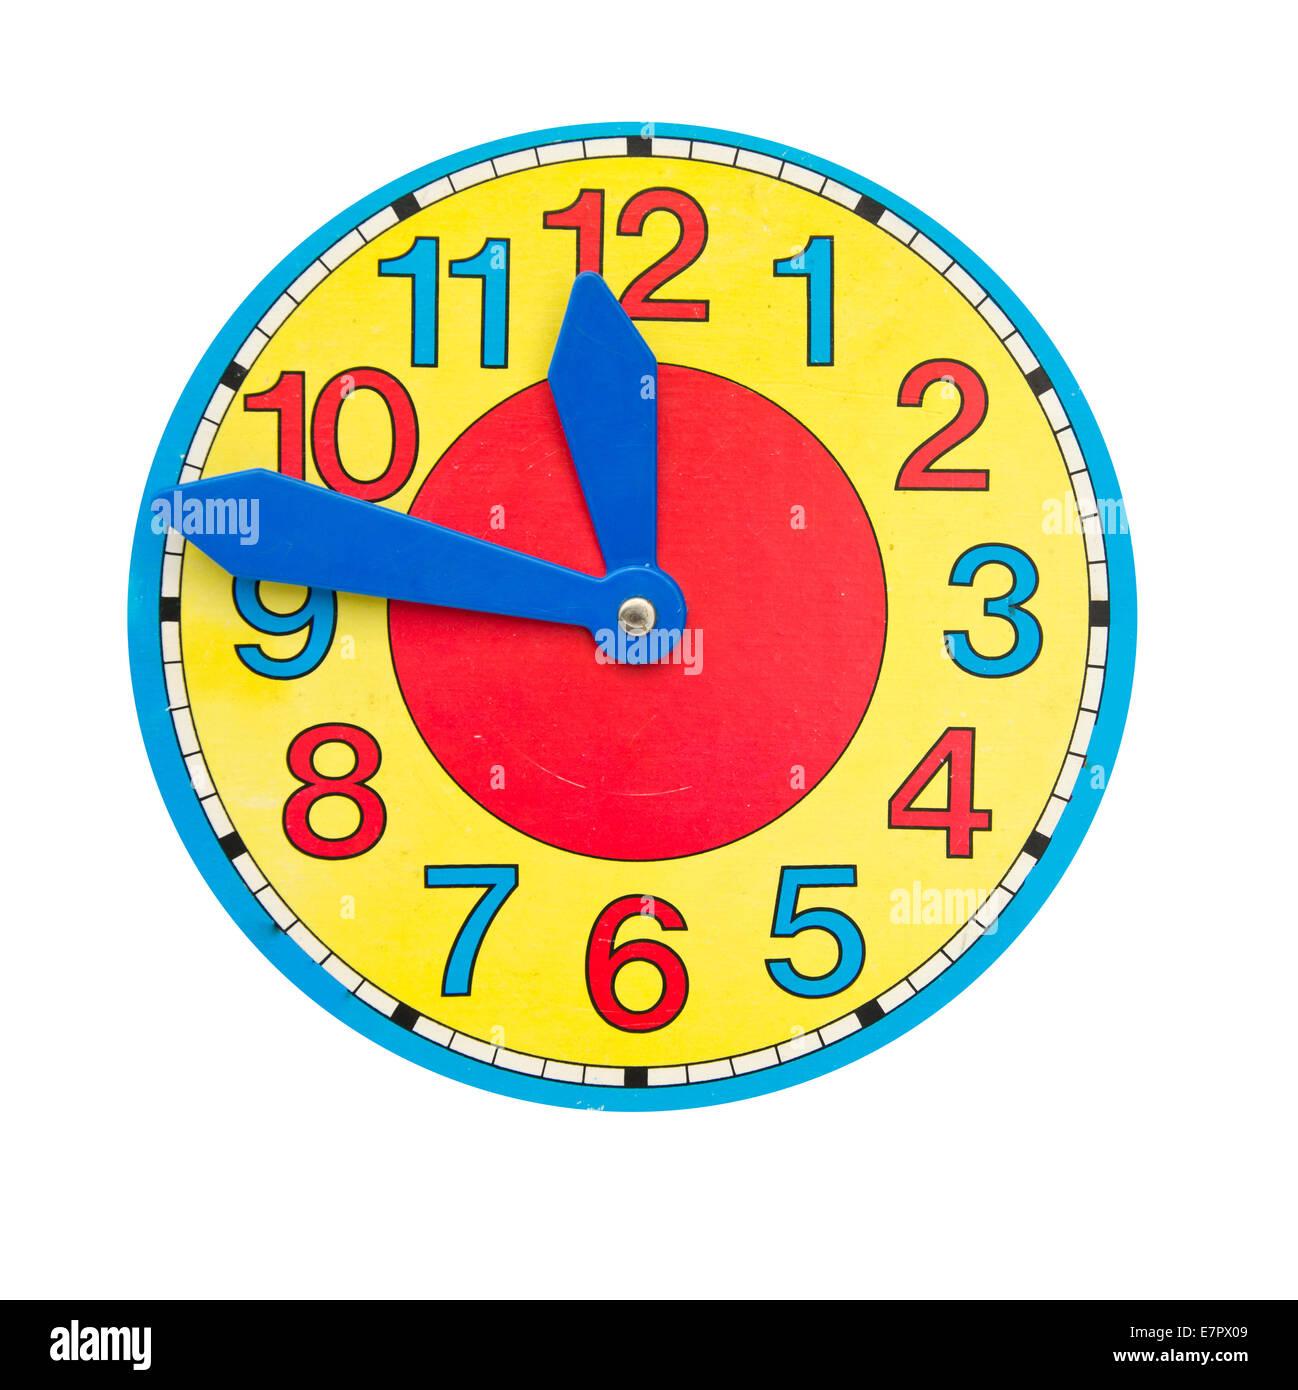 Cartoon Clock Stock Photos & Cartoon Clock Stock Images - Alamy